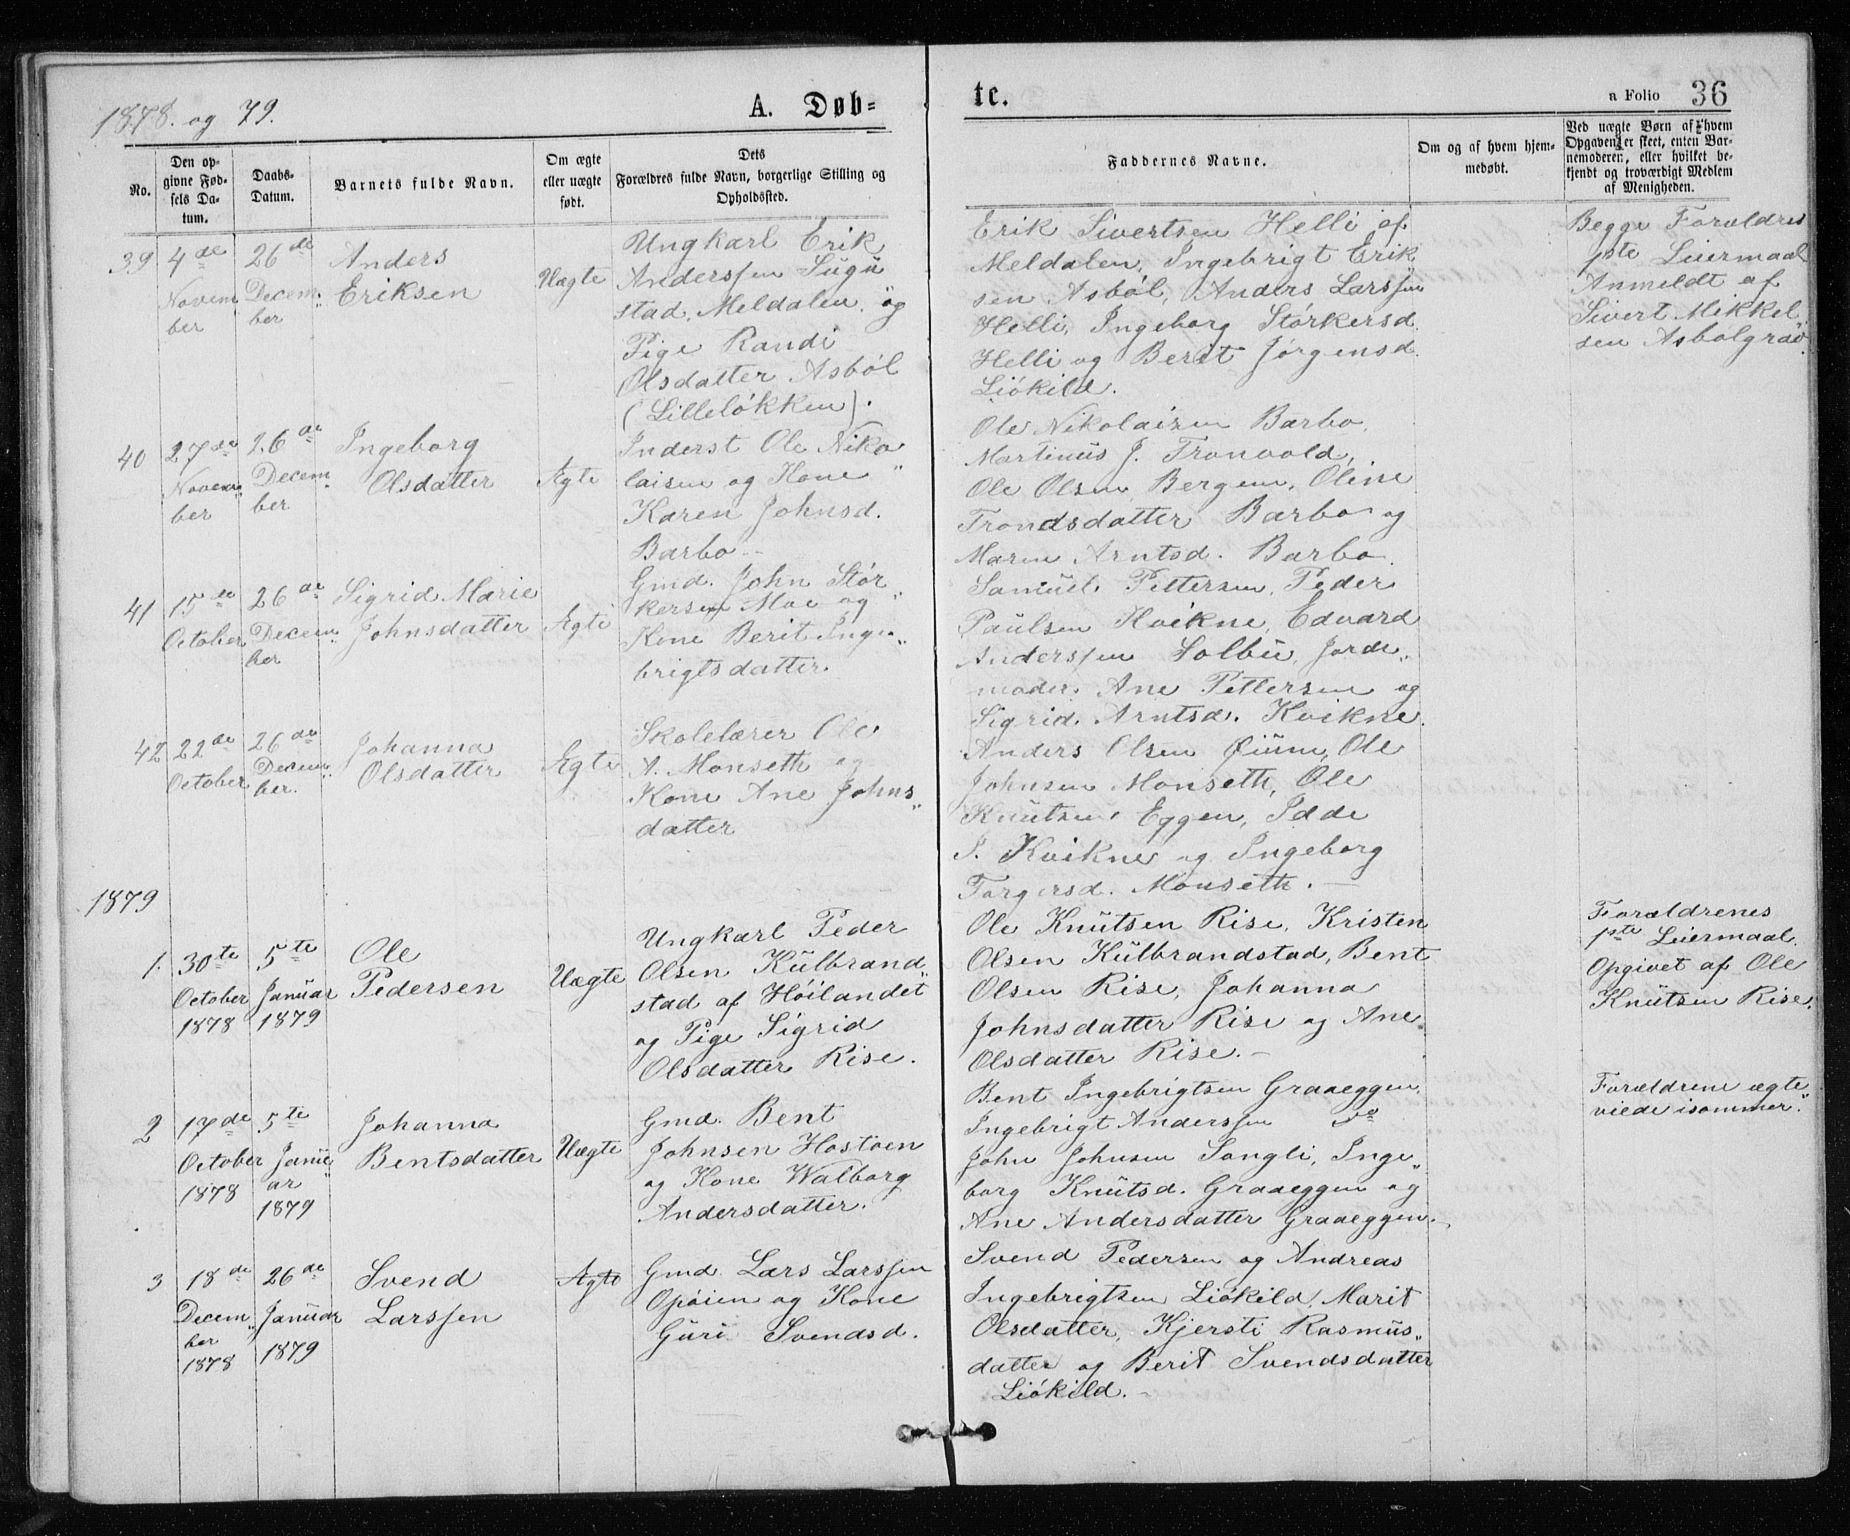 SAT, Ministerialprotokoller, klokkerbøker og fødselsregistre - Sør-Trøndelag, 671/L0843: Klokkerbok nr. 671C02, 1873-1892, s. 36